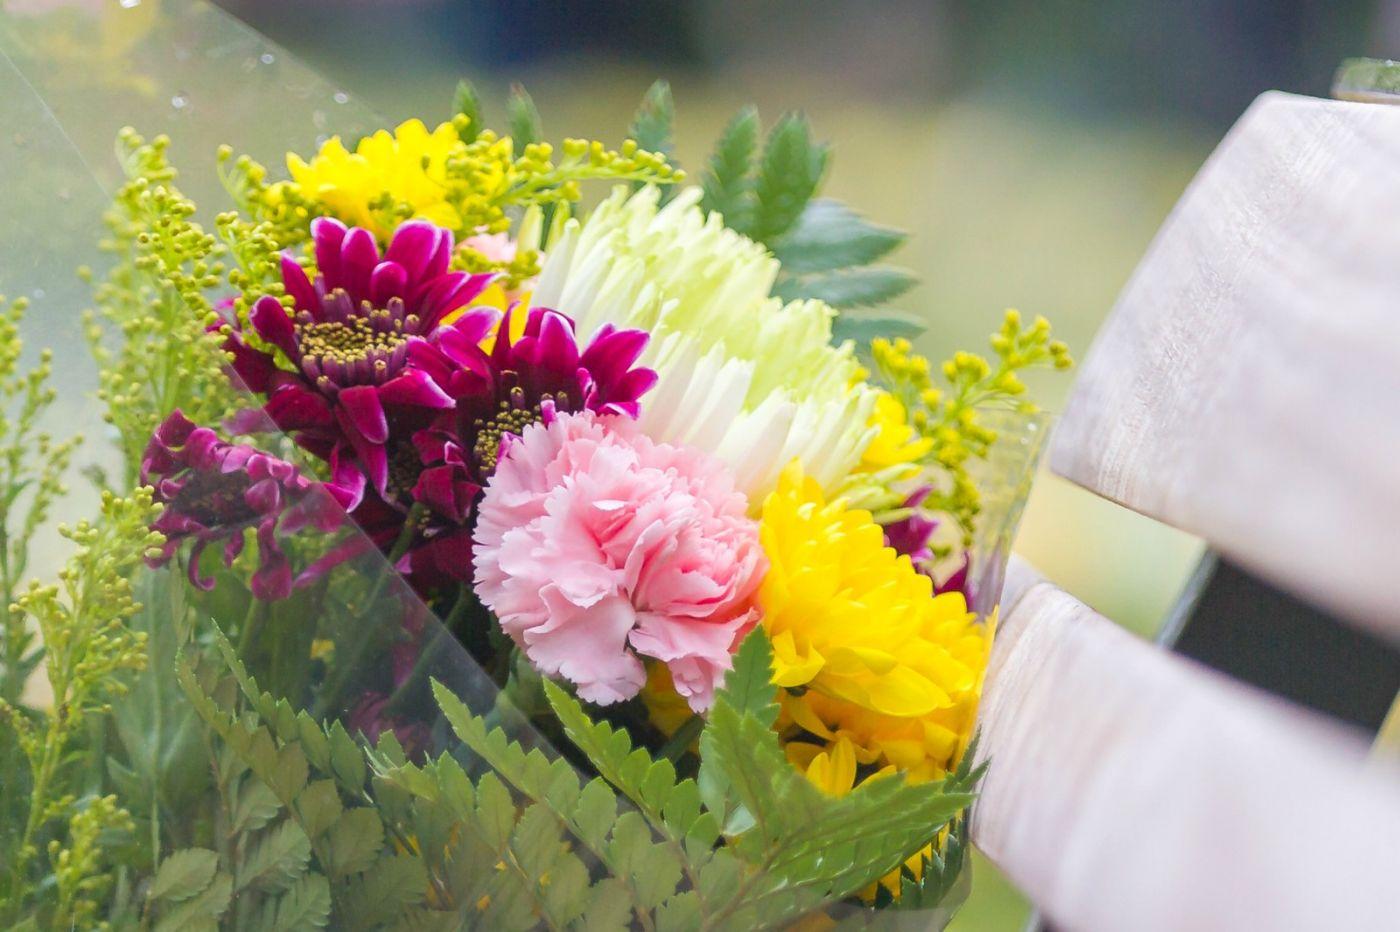 一束花的畅想_图1-17